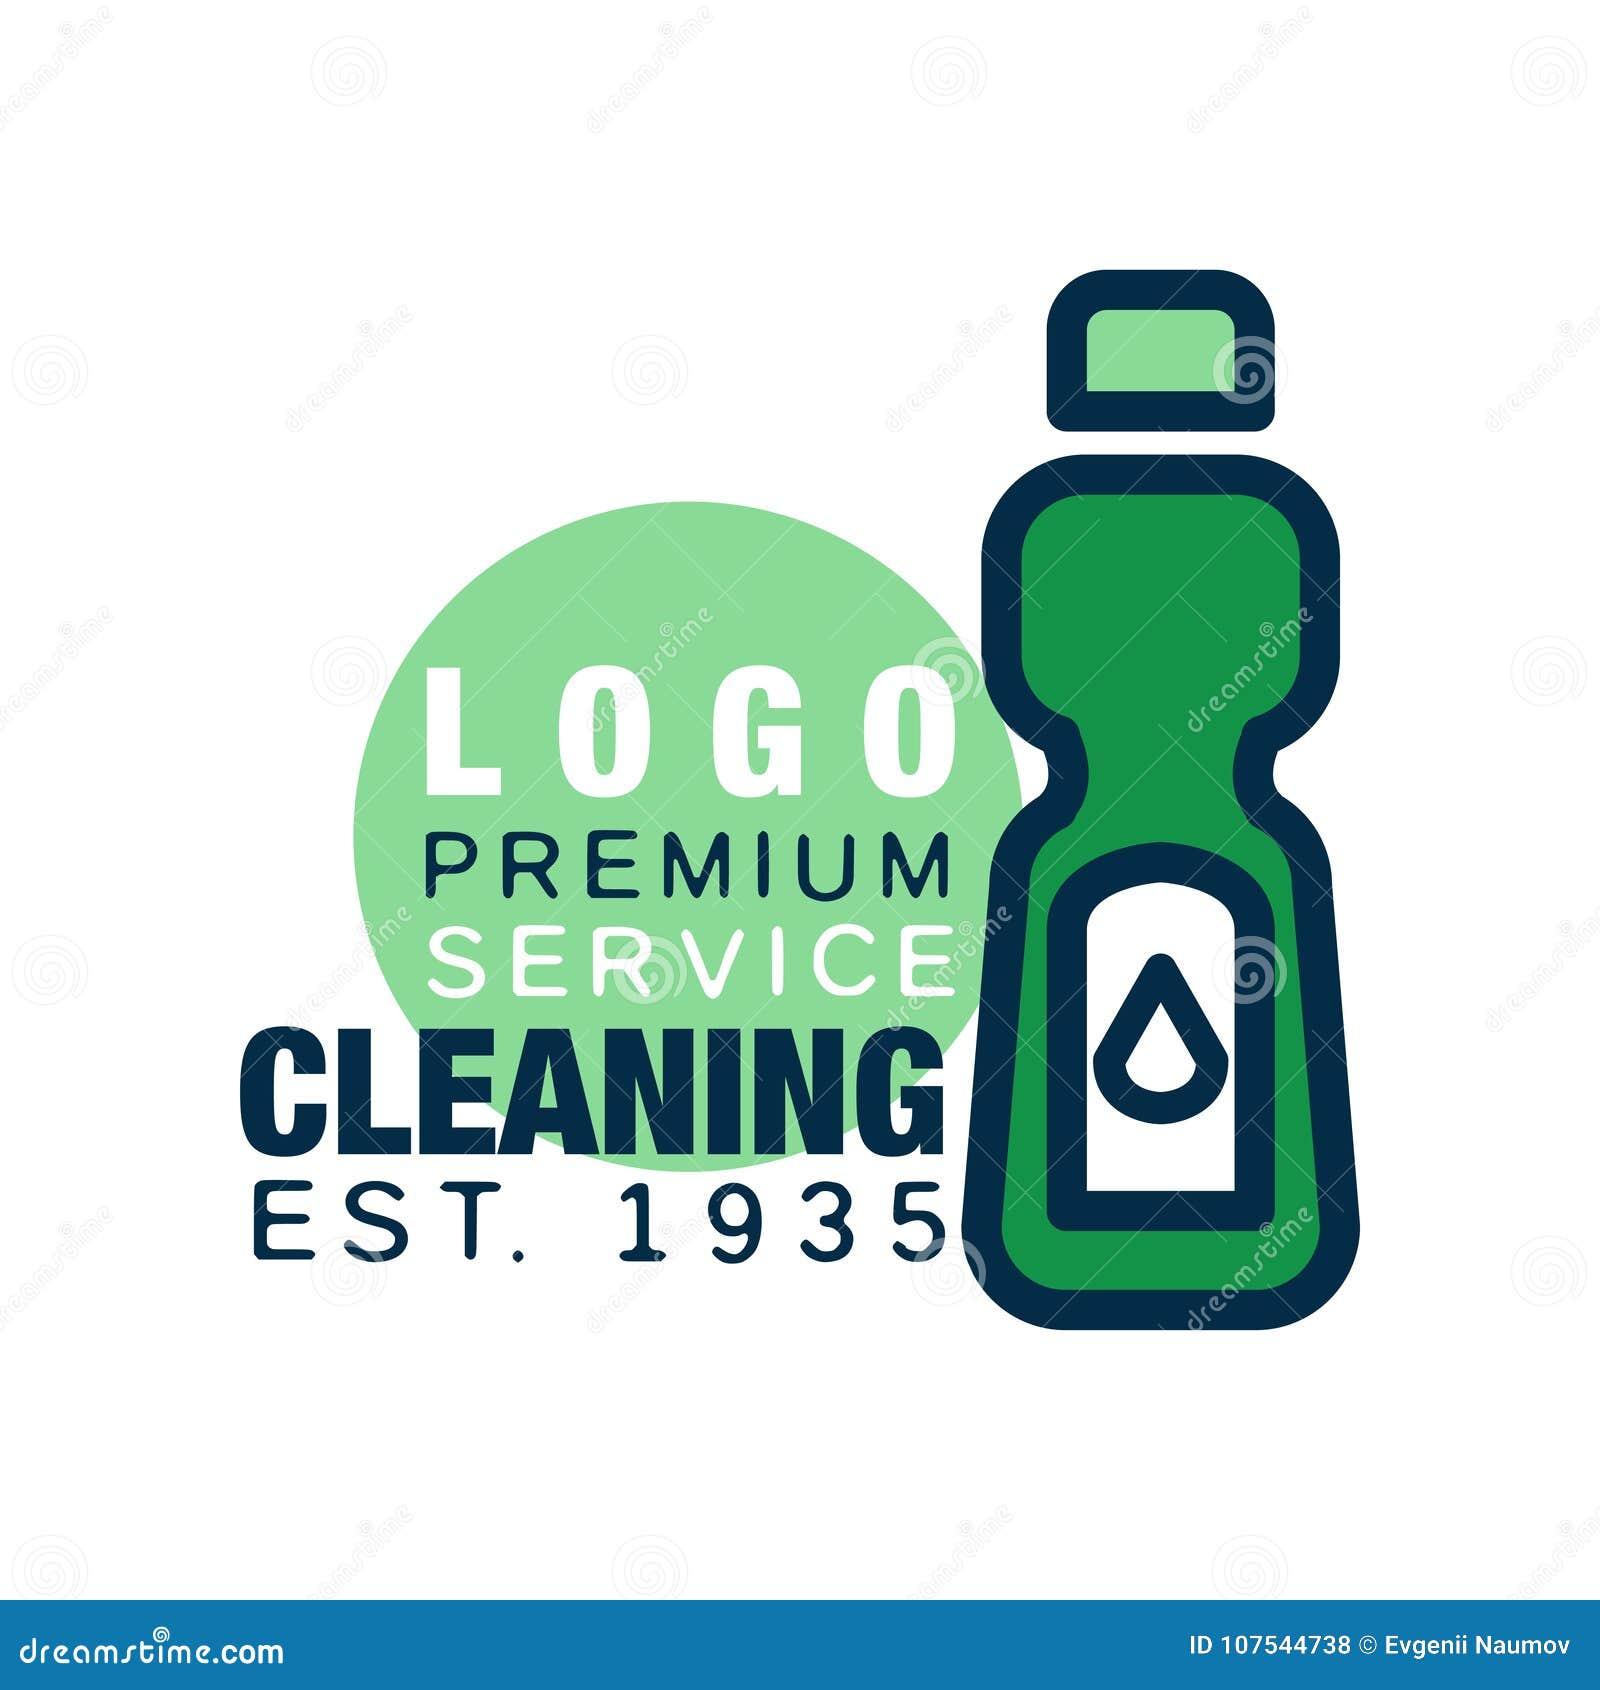 Calibre De Logo Service Nettoyage Icne Dtersive Bouteille Dans La Ligne Style Avec